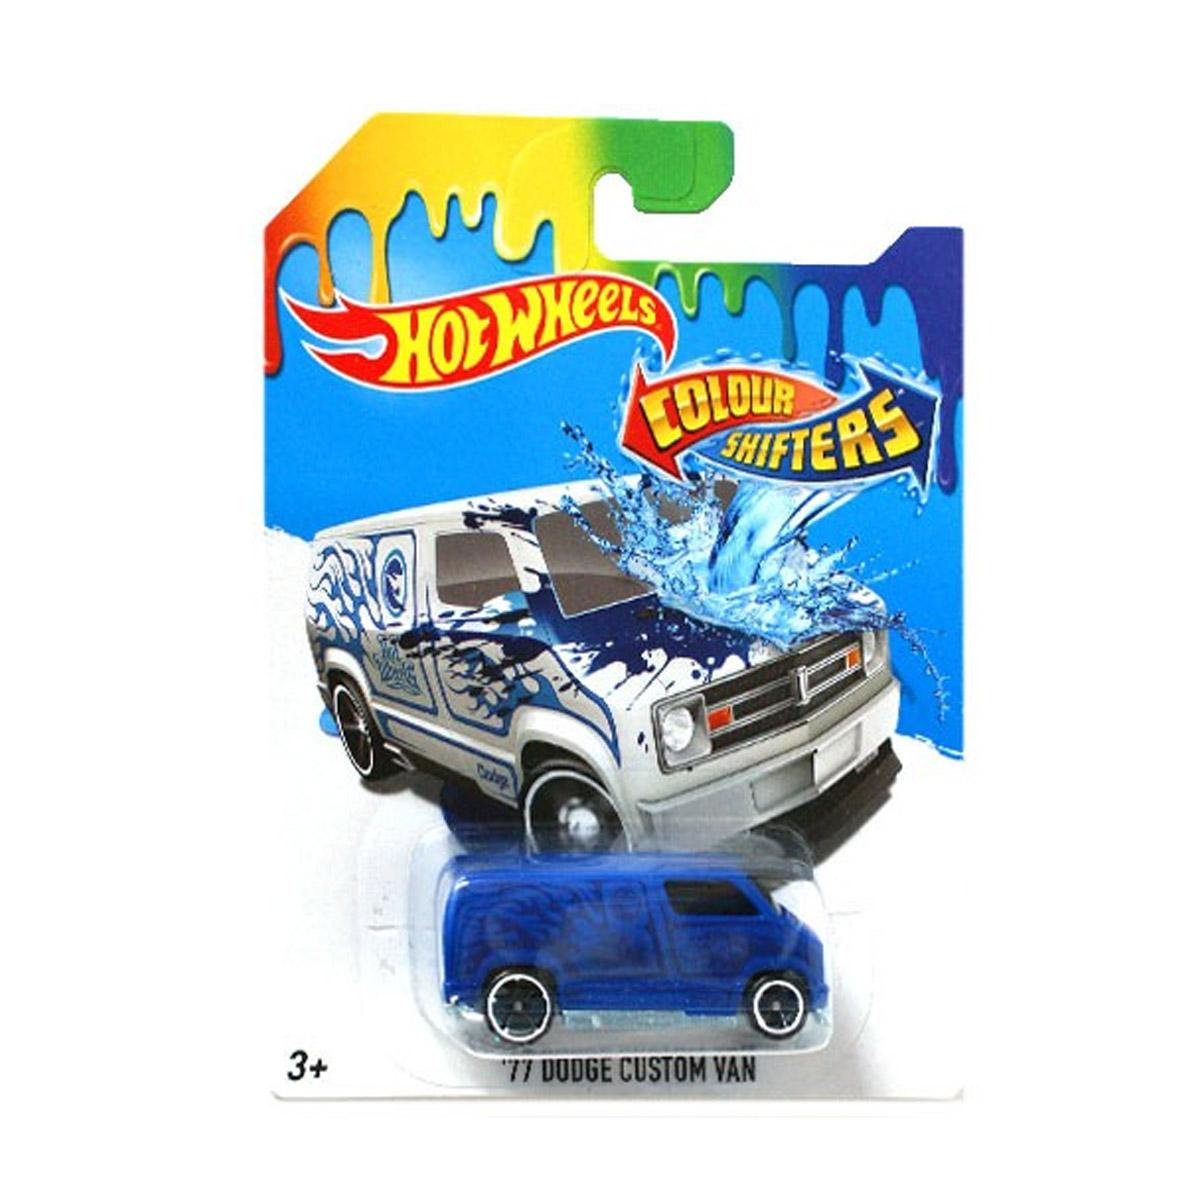 Calendrier De L Avent Voiture.Hot Wheels Avent Calendrier Avec Mini Voitures Jouet Mattel